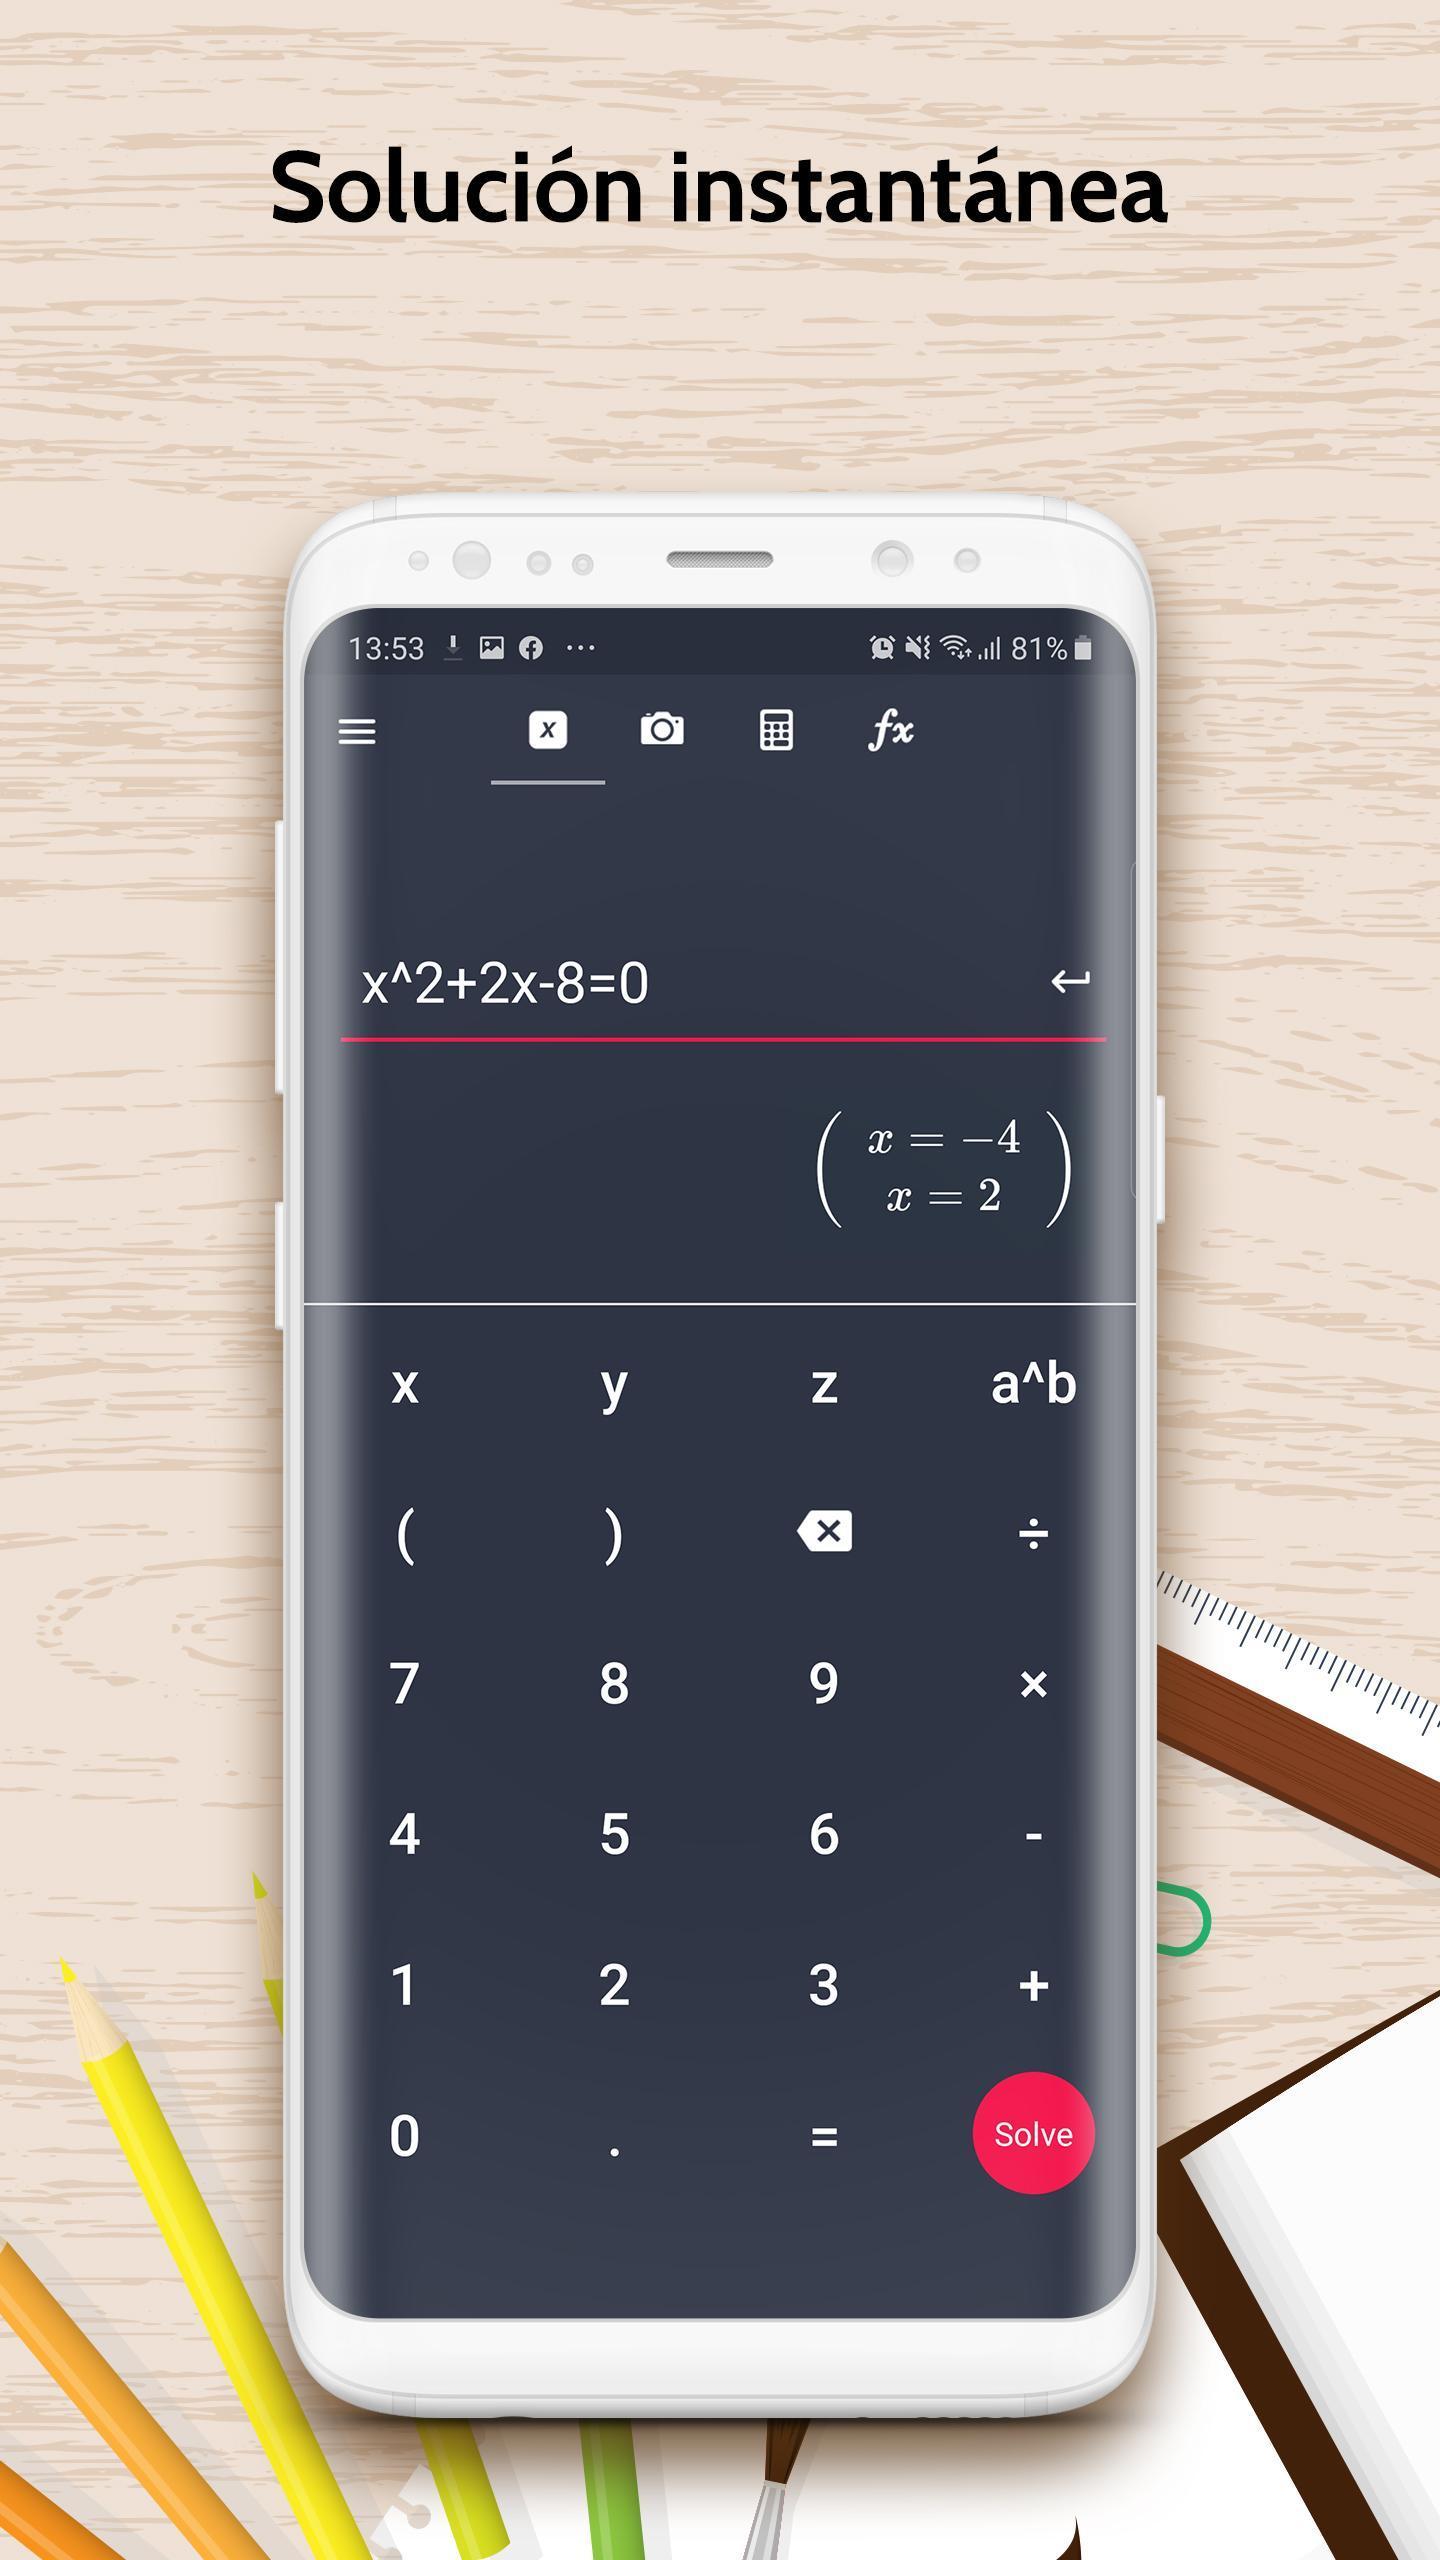 Resolver Problemas Matematicos Con Foto For Android Apk Download